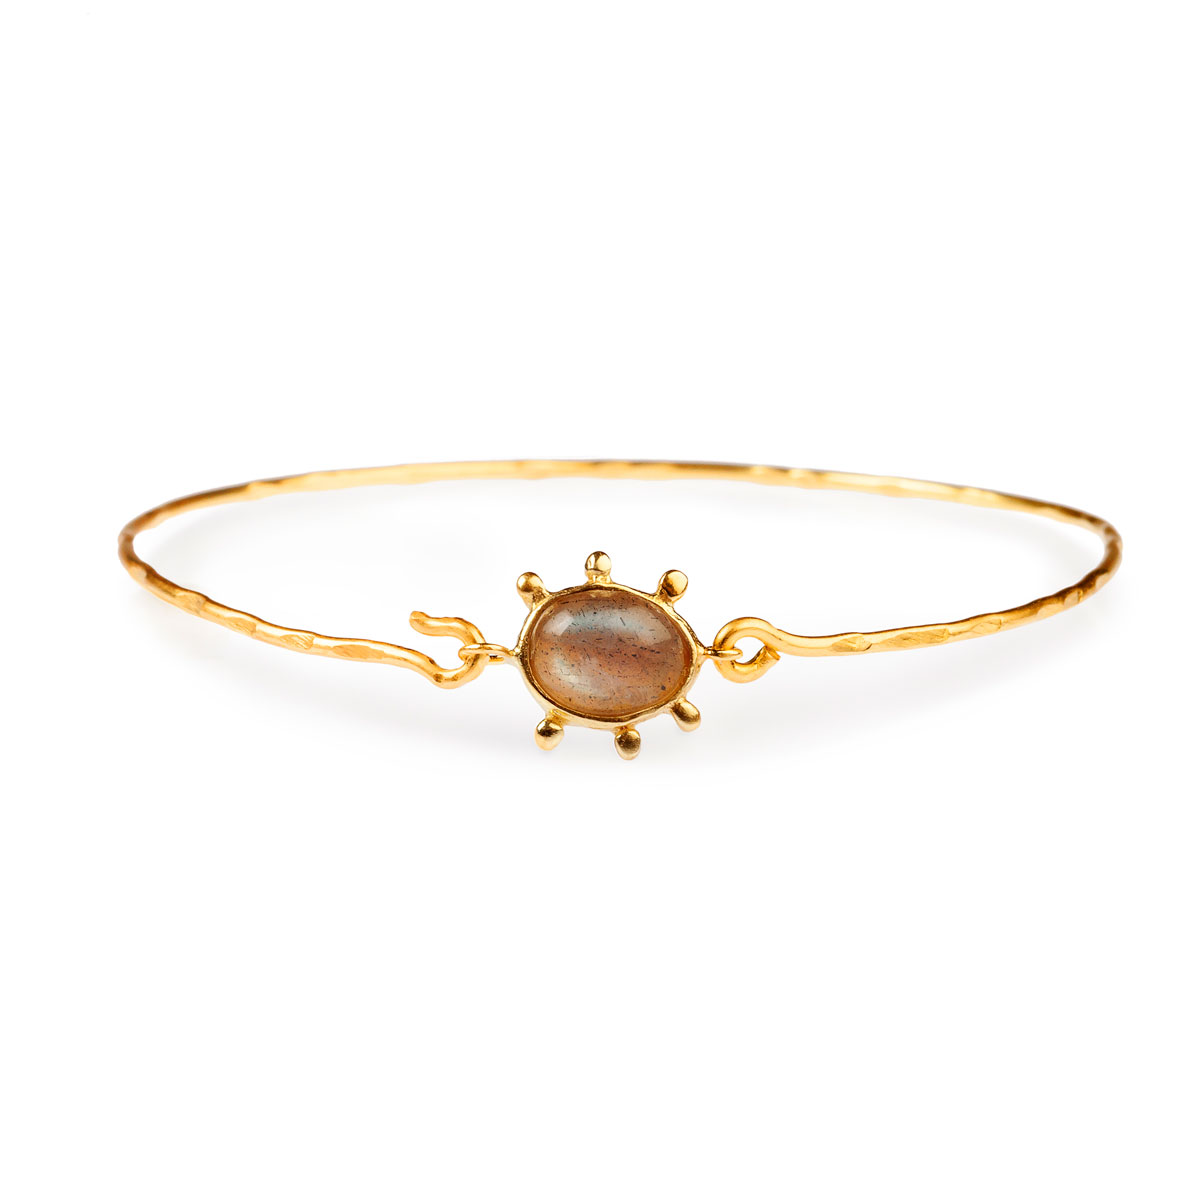 labradorite-bracelet-danai-goannelli_high